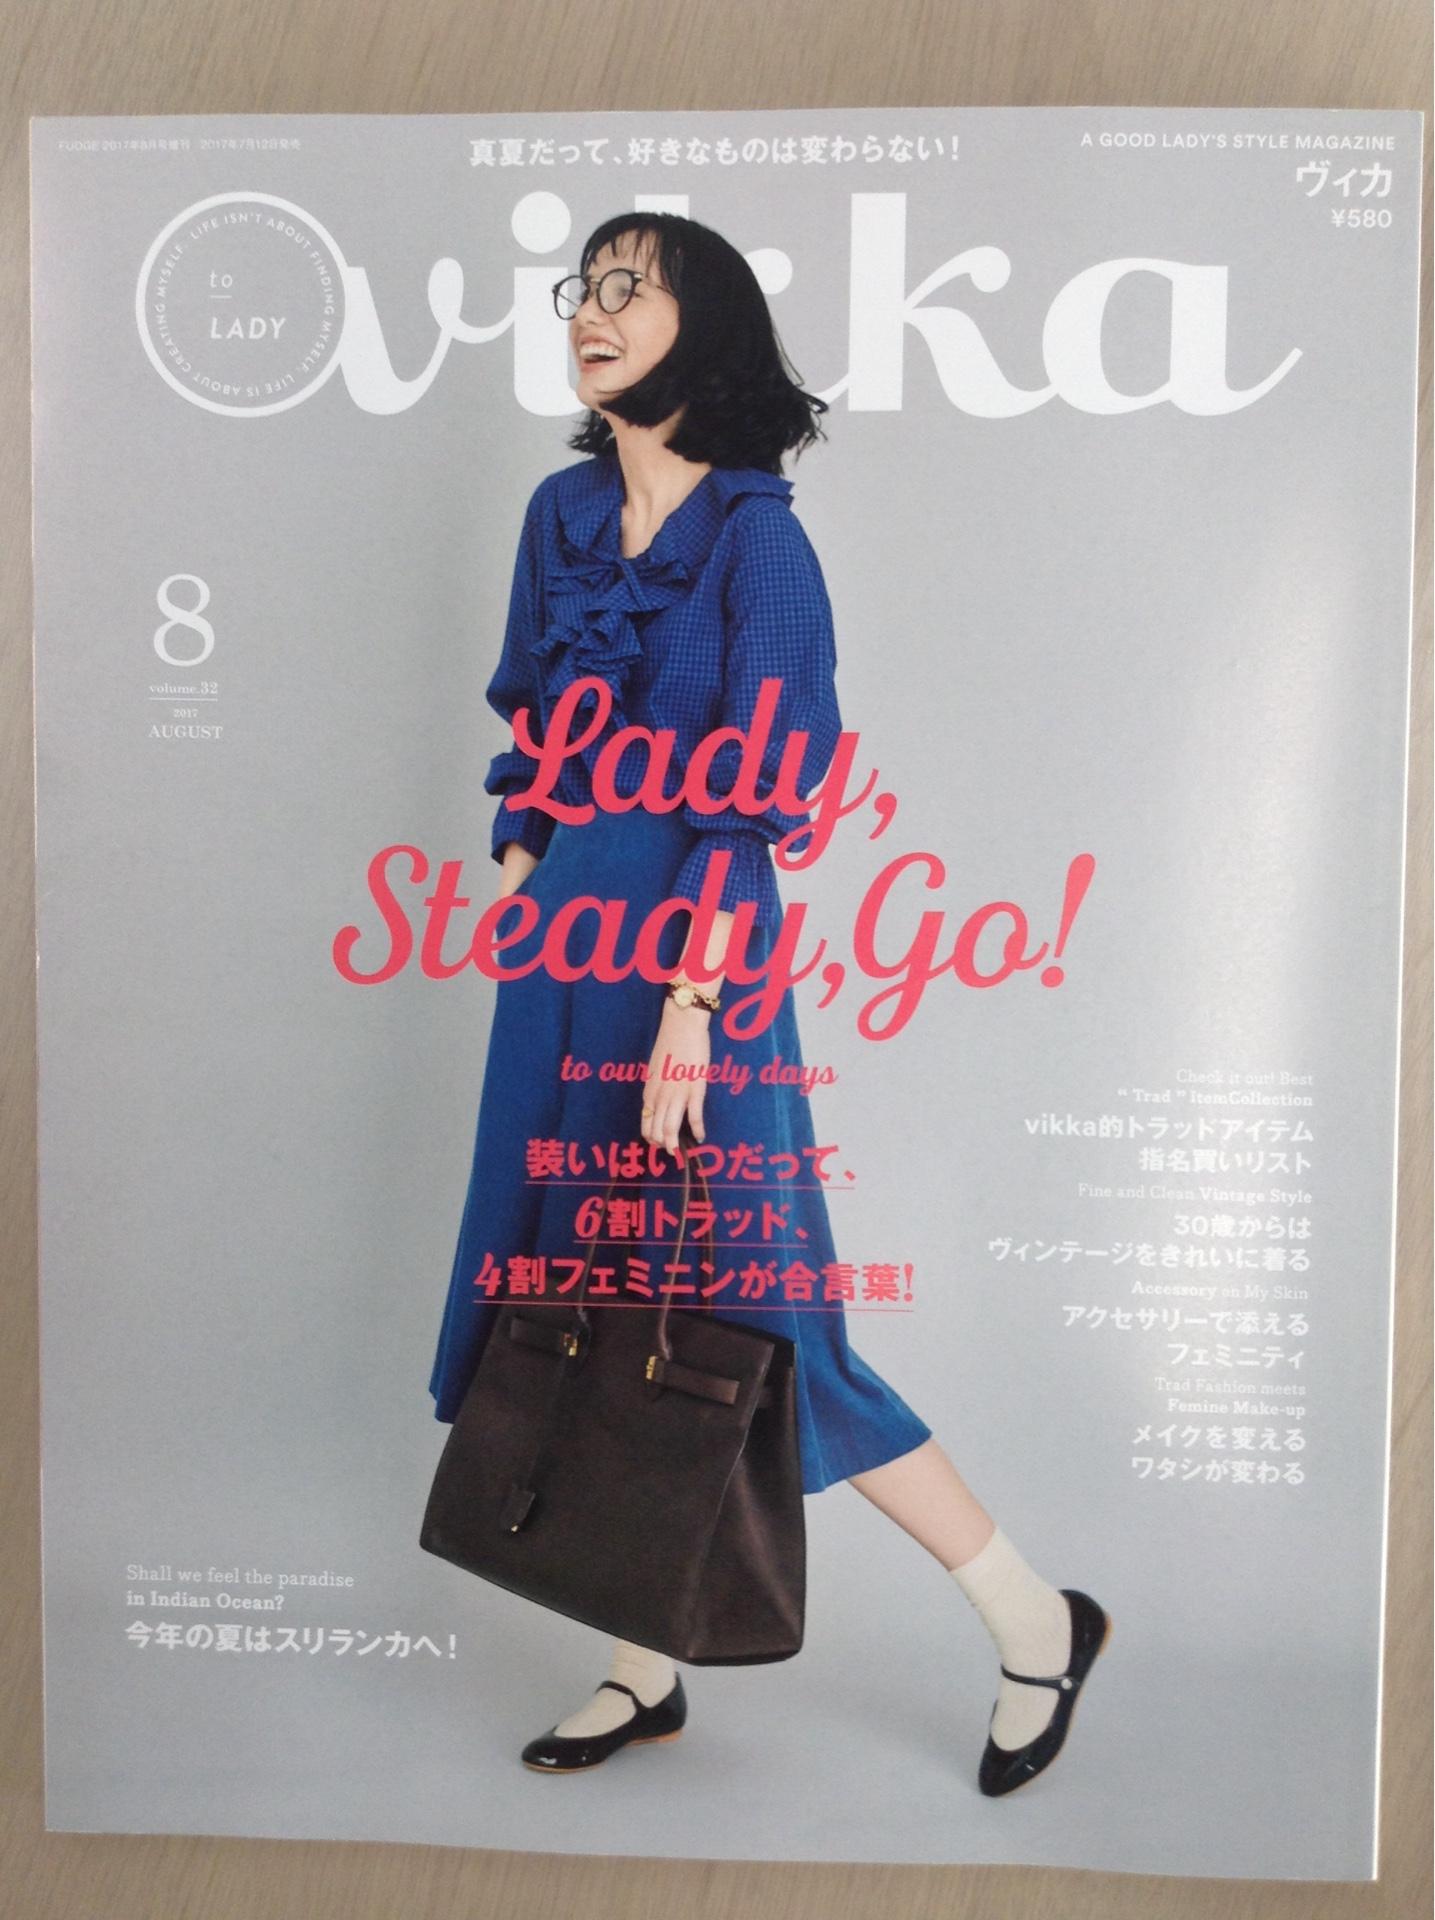 vikka 2017年8月号